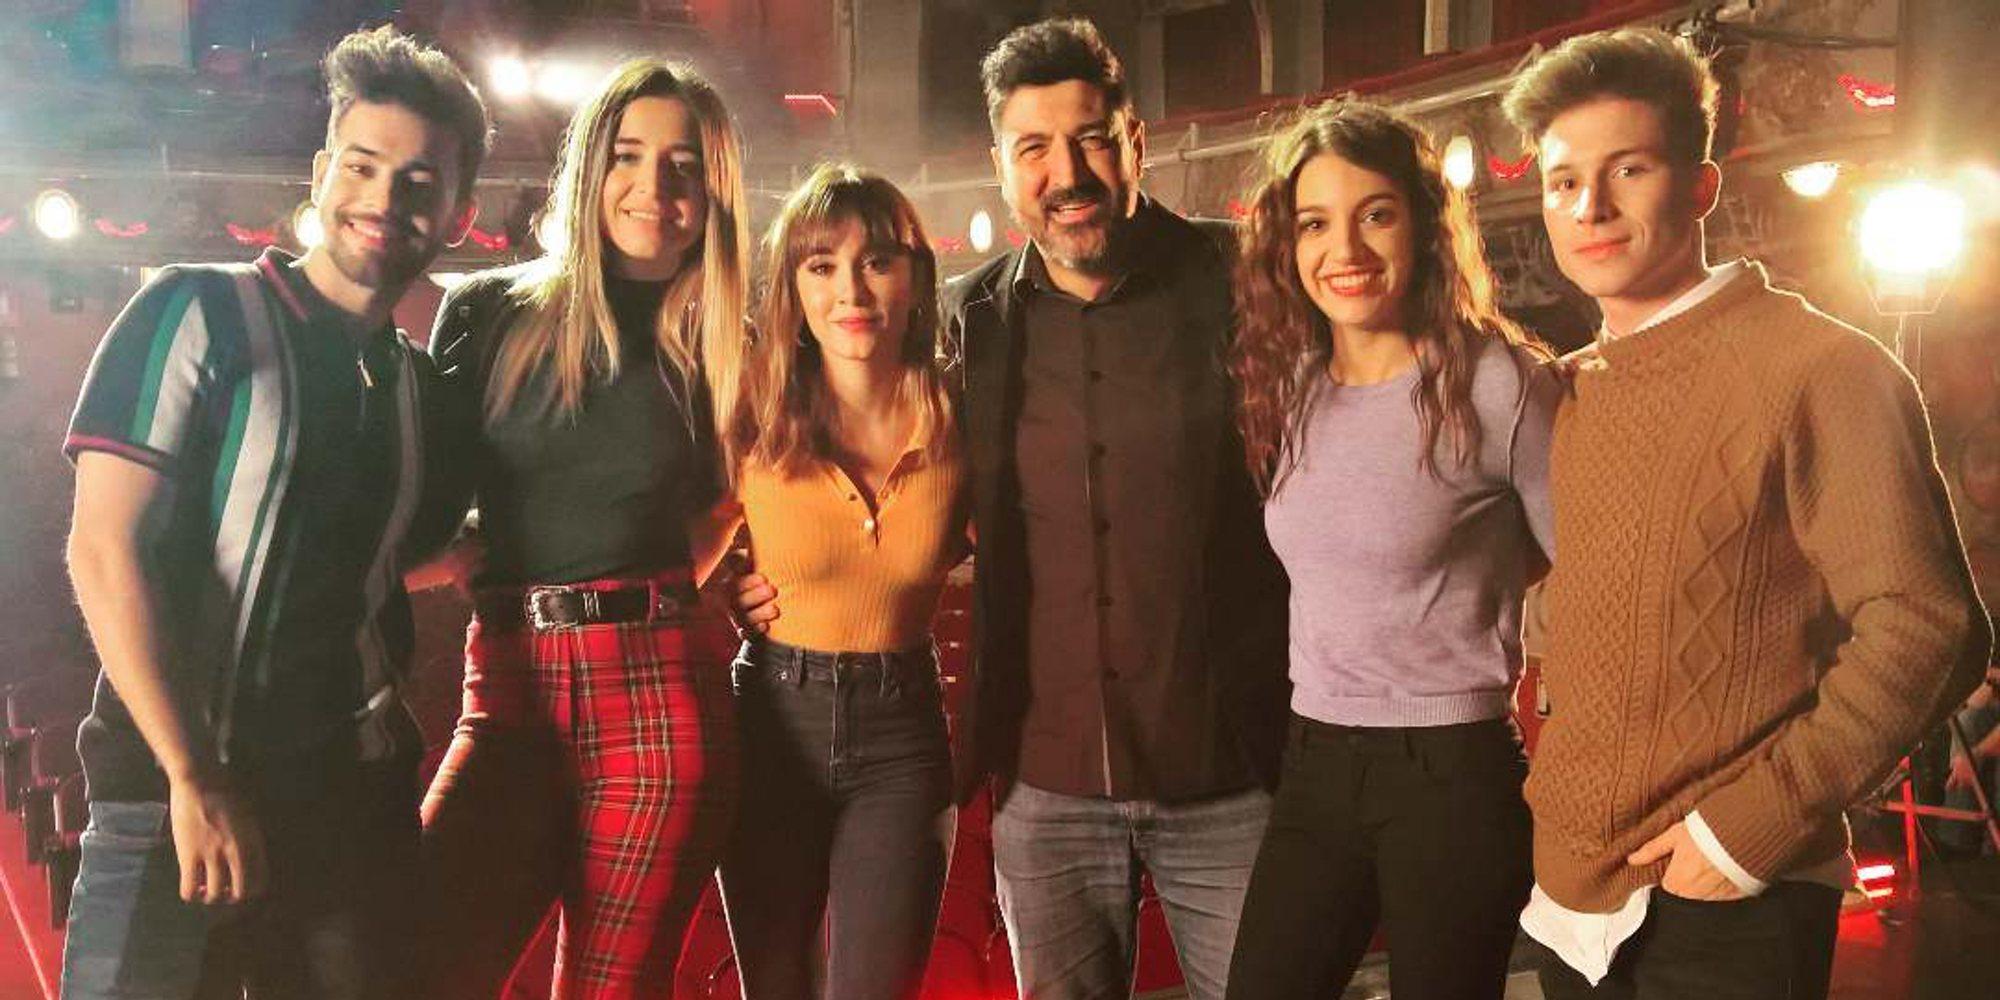 'El mundo entero': Aitana, Ana Guerra, Agoney, Mimi y Raoul estrenan canción juntos